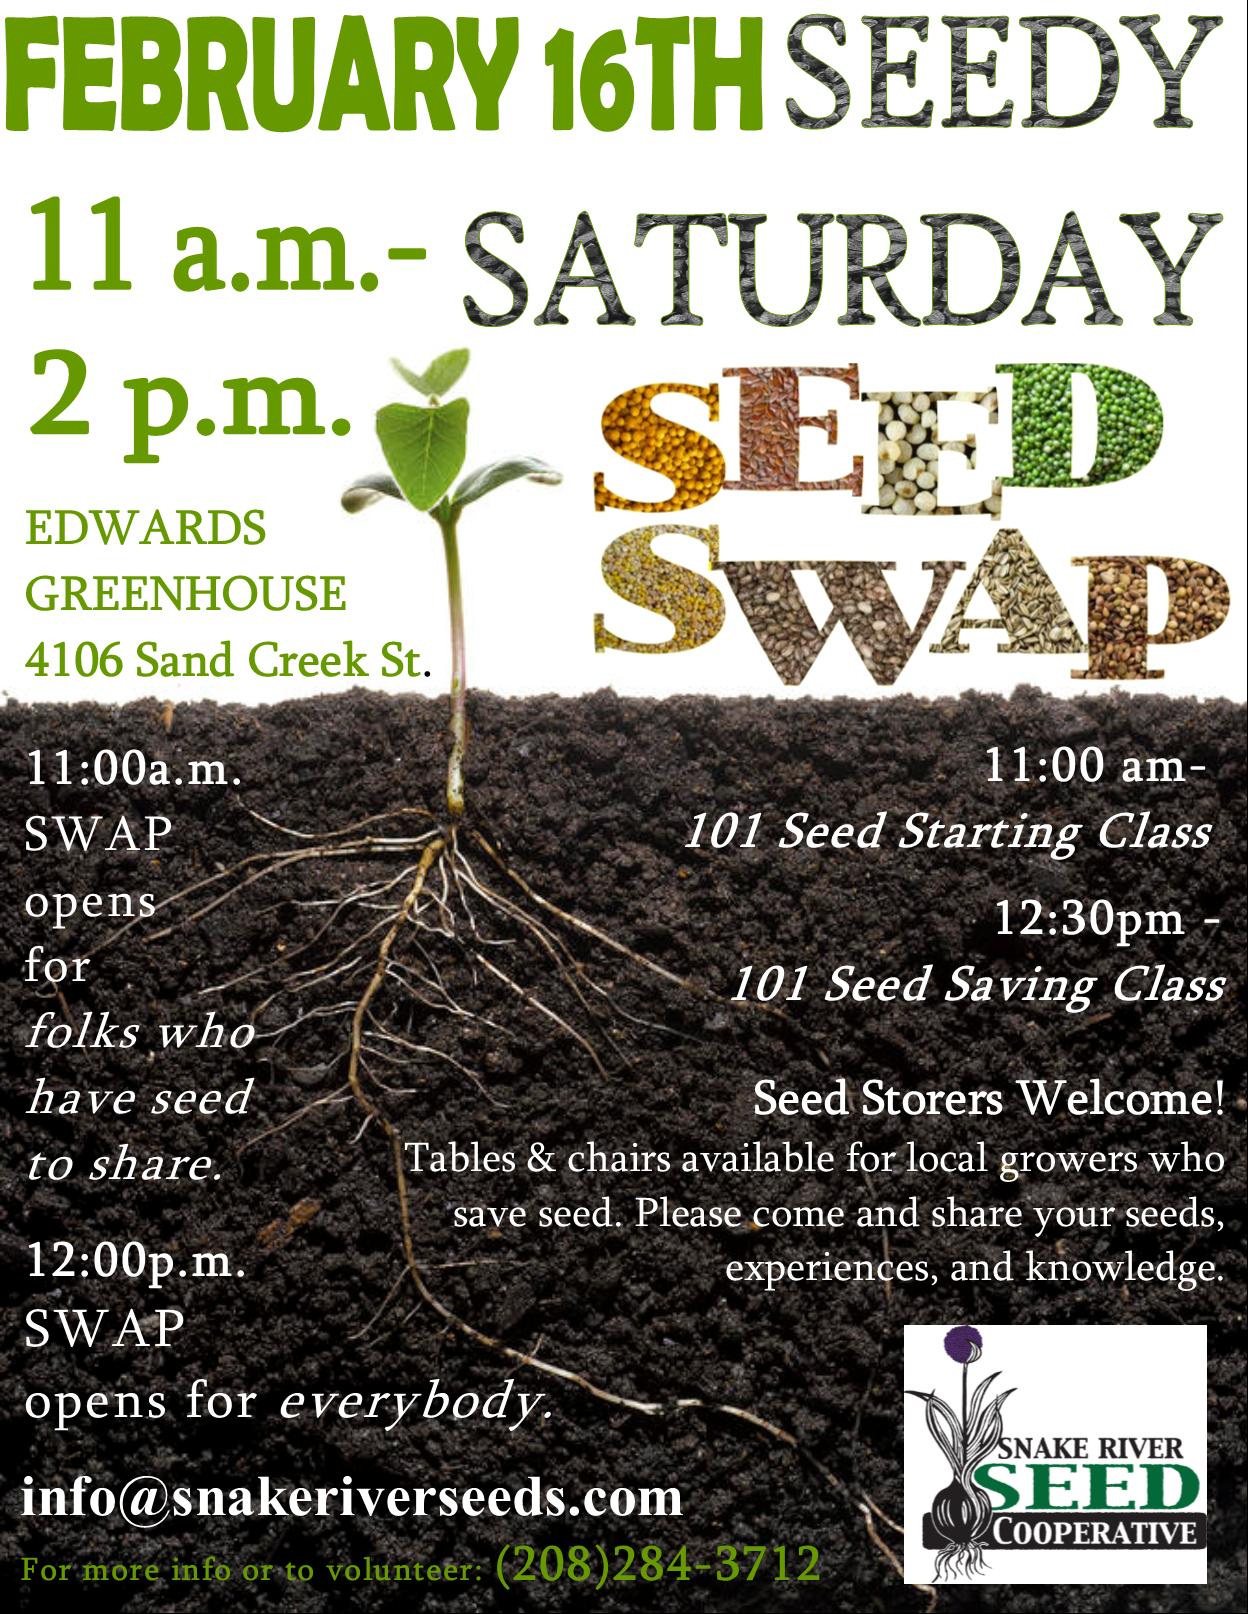 SeedySaturdaySeedSwap2019.png